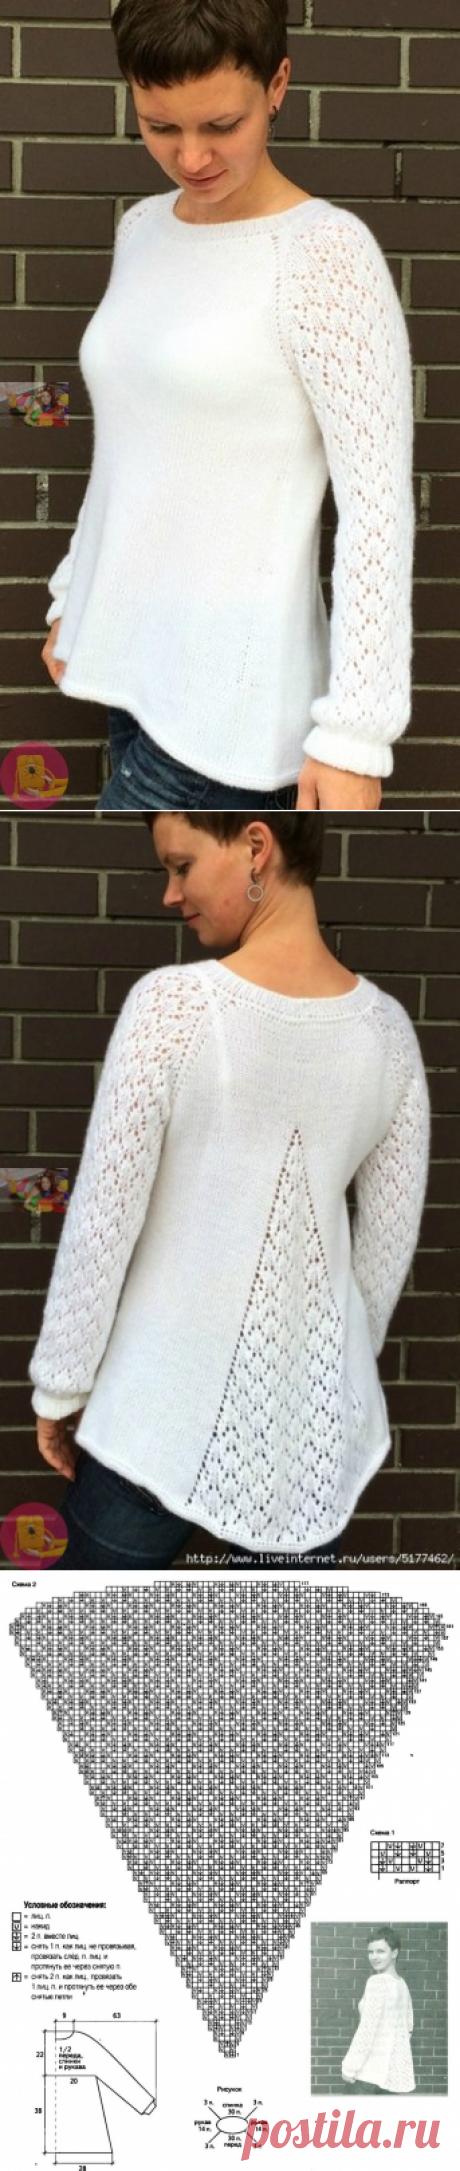 Красивый пуловер с клинообразным расширением сзади — Сделай сам, идеи для творчества - DIY Ideas